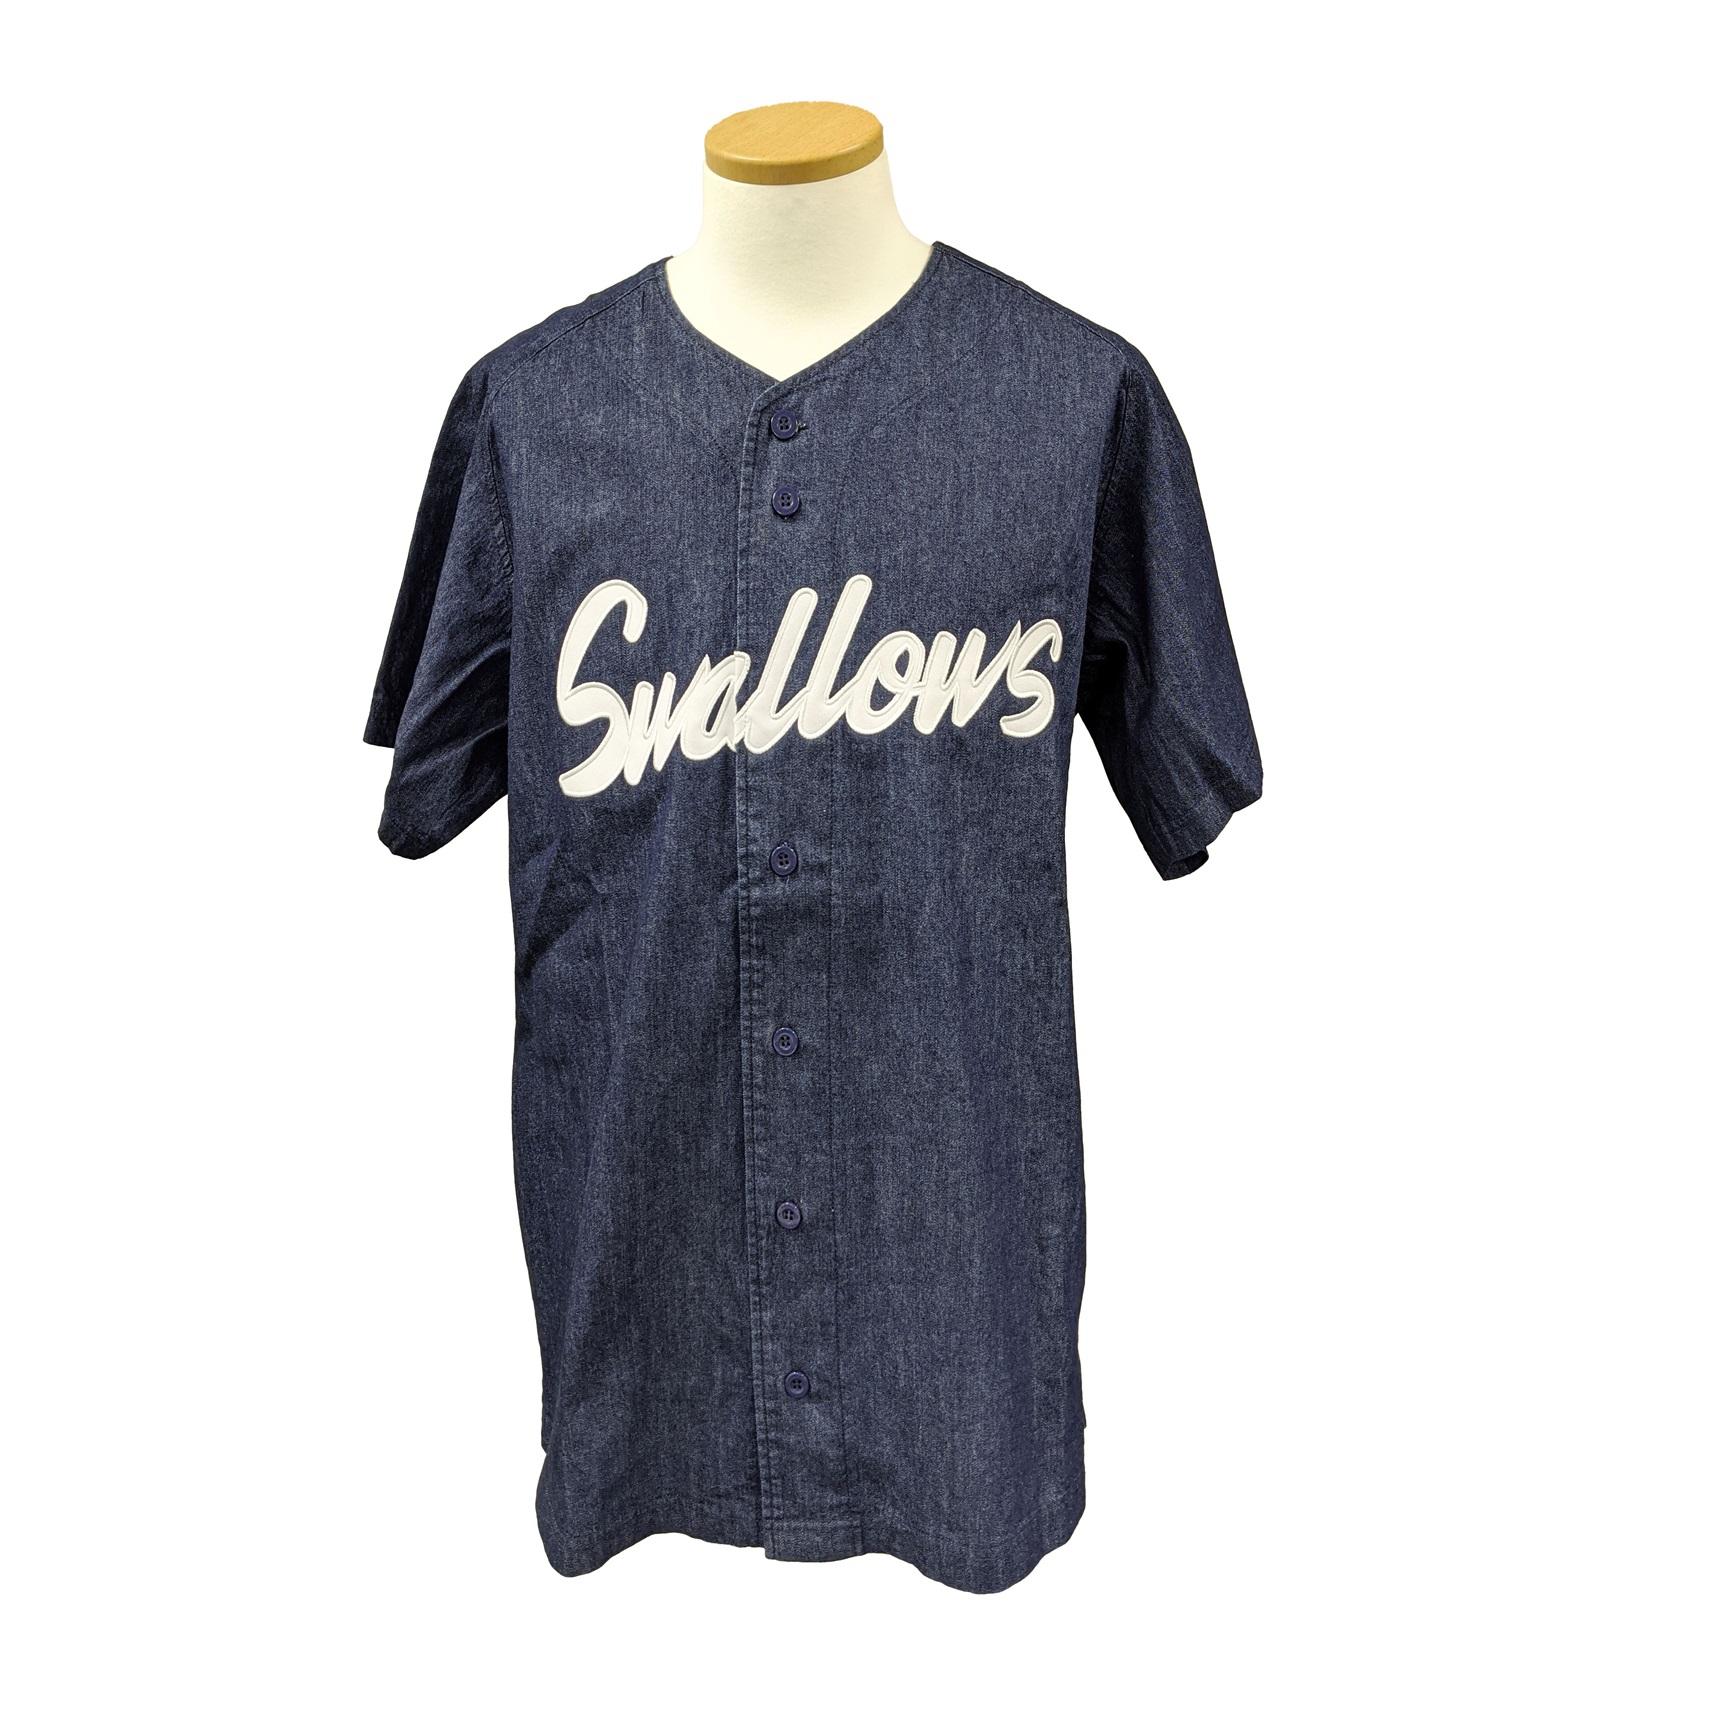 2020デニムベースボールシャツ